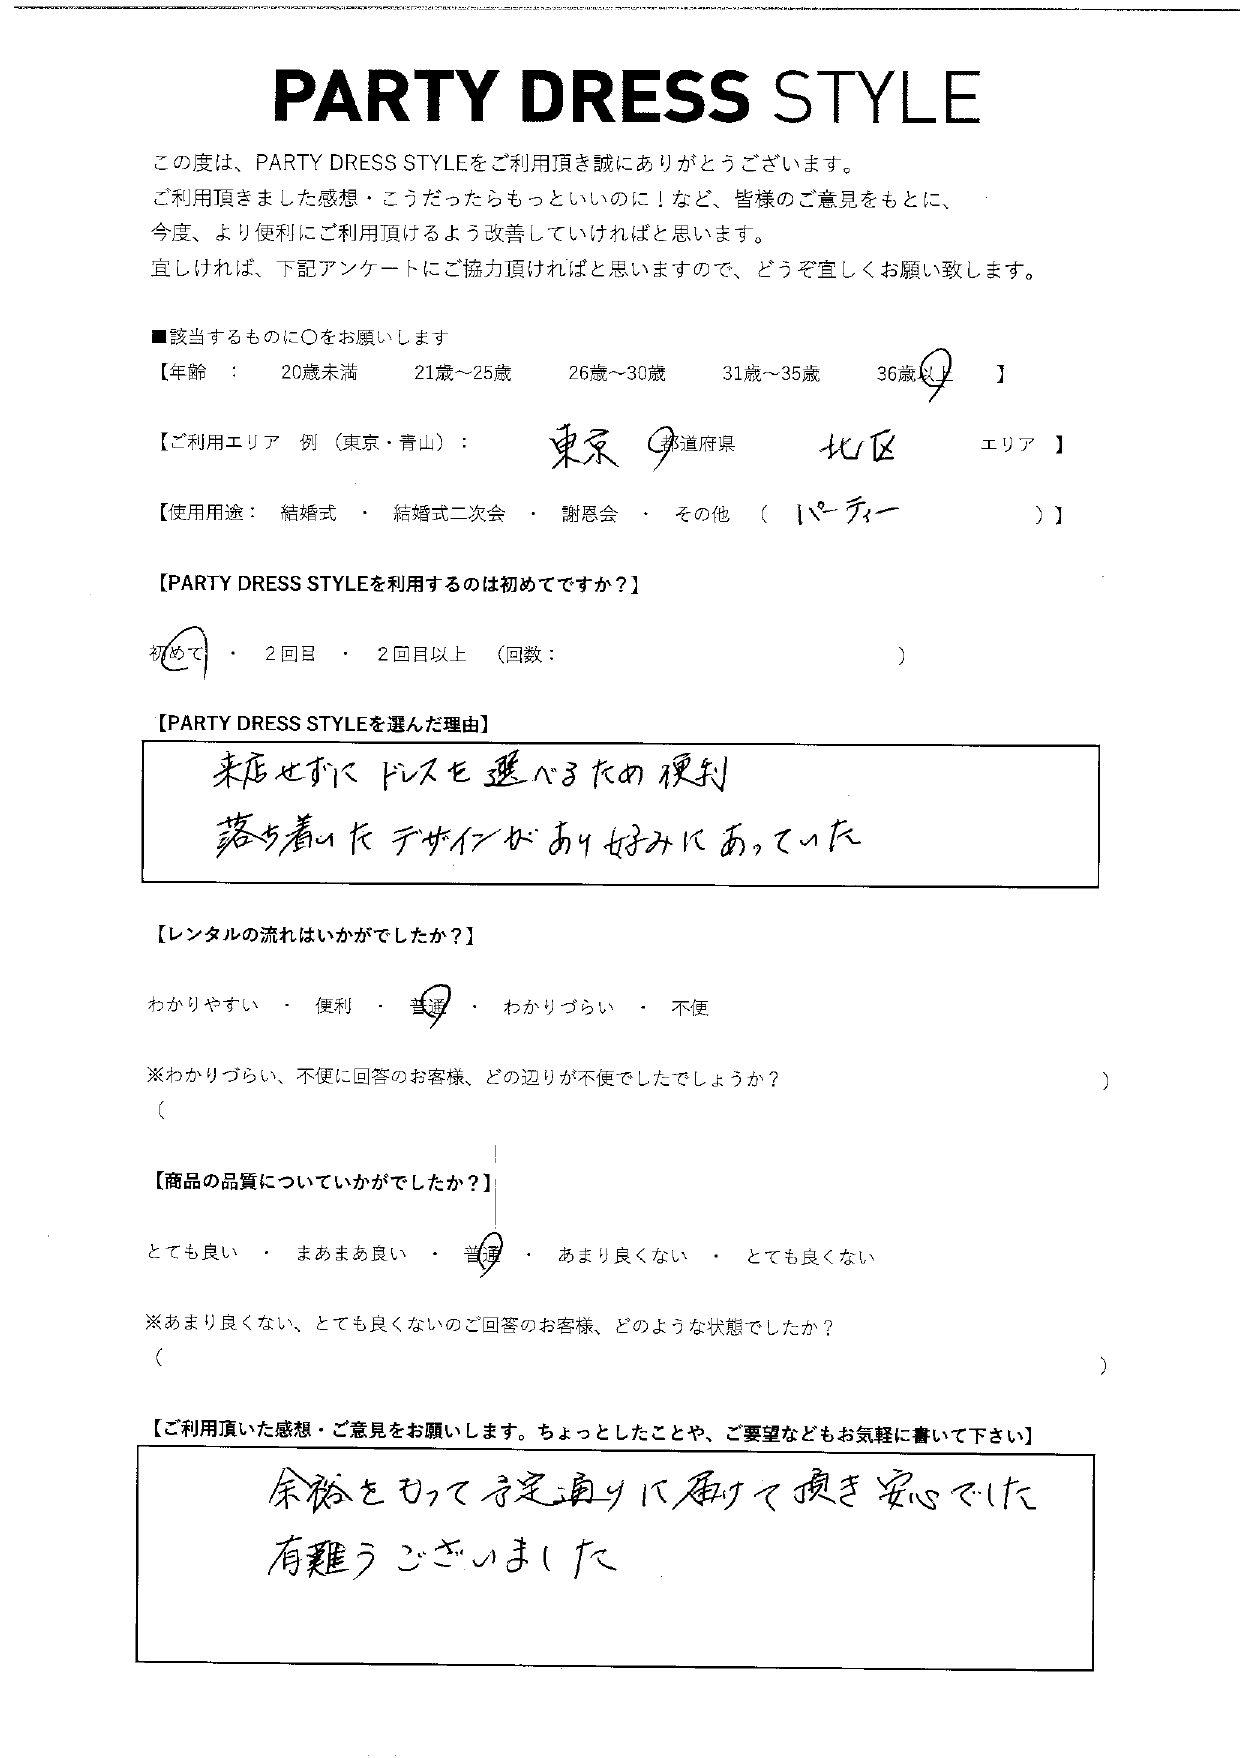 5/29パーティーご利用 東京・北区エリア